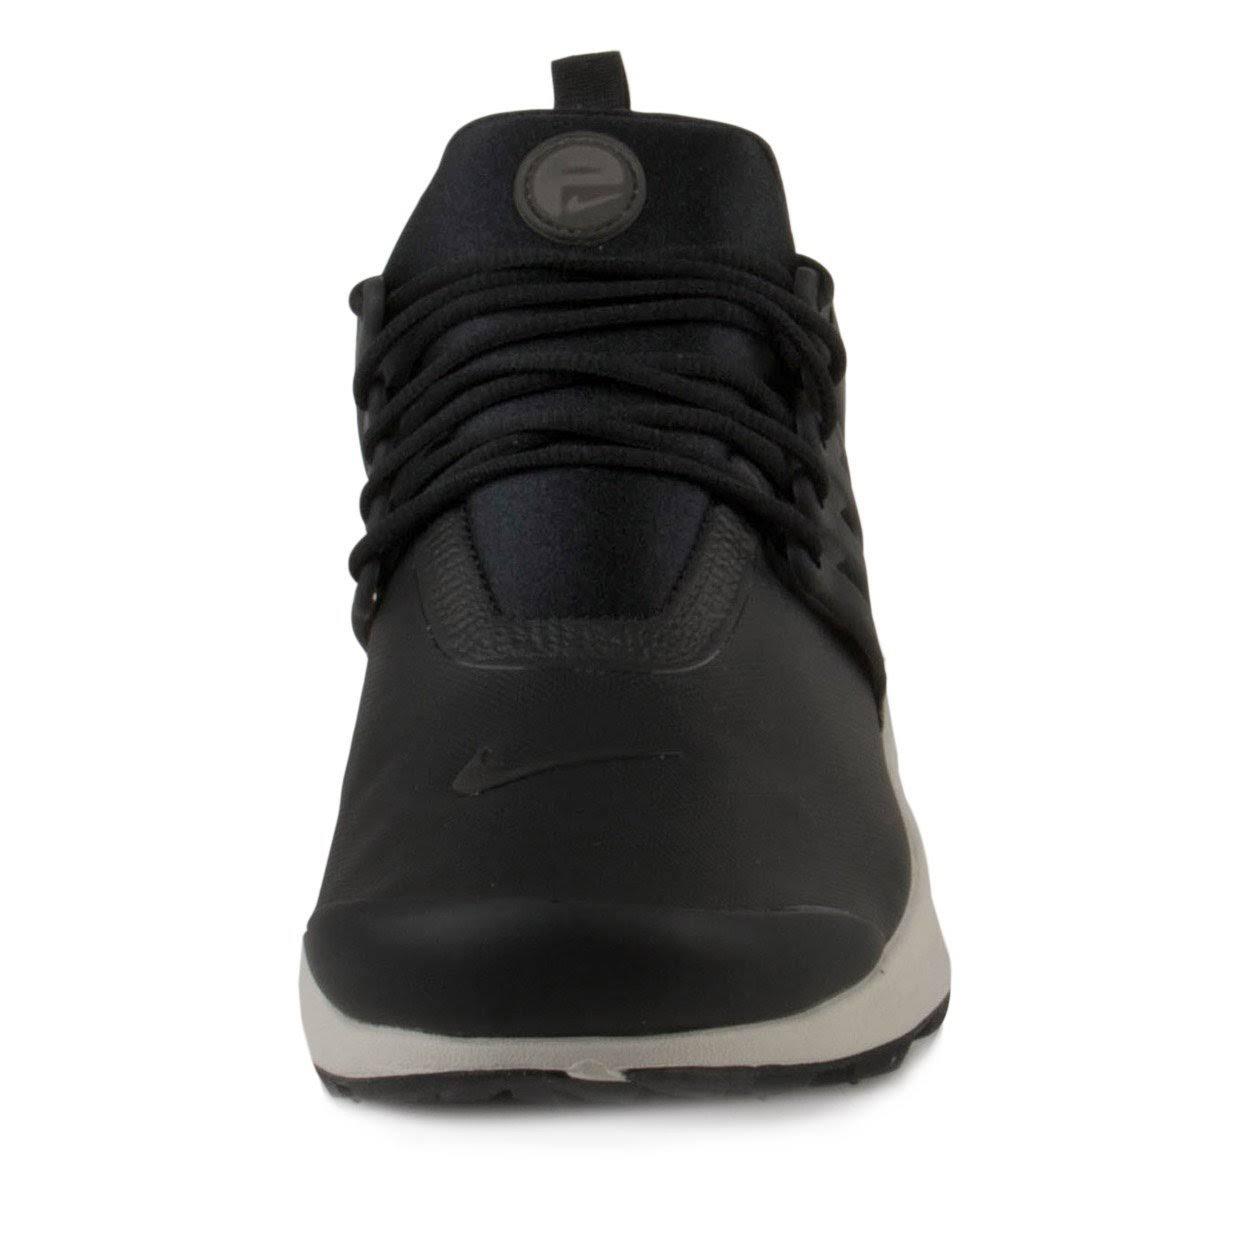 """Trampki Bone"""" Męskie """"black 0 Air Presto Nike Utility Rozmiar 13 daxqw7HUxv"""